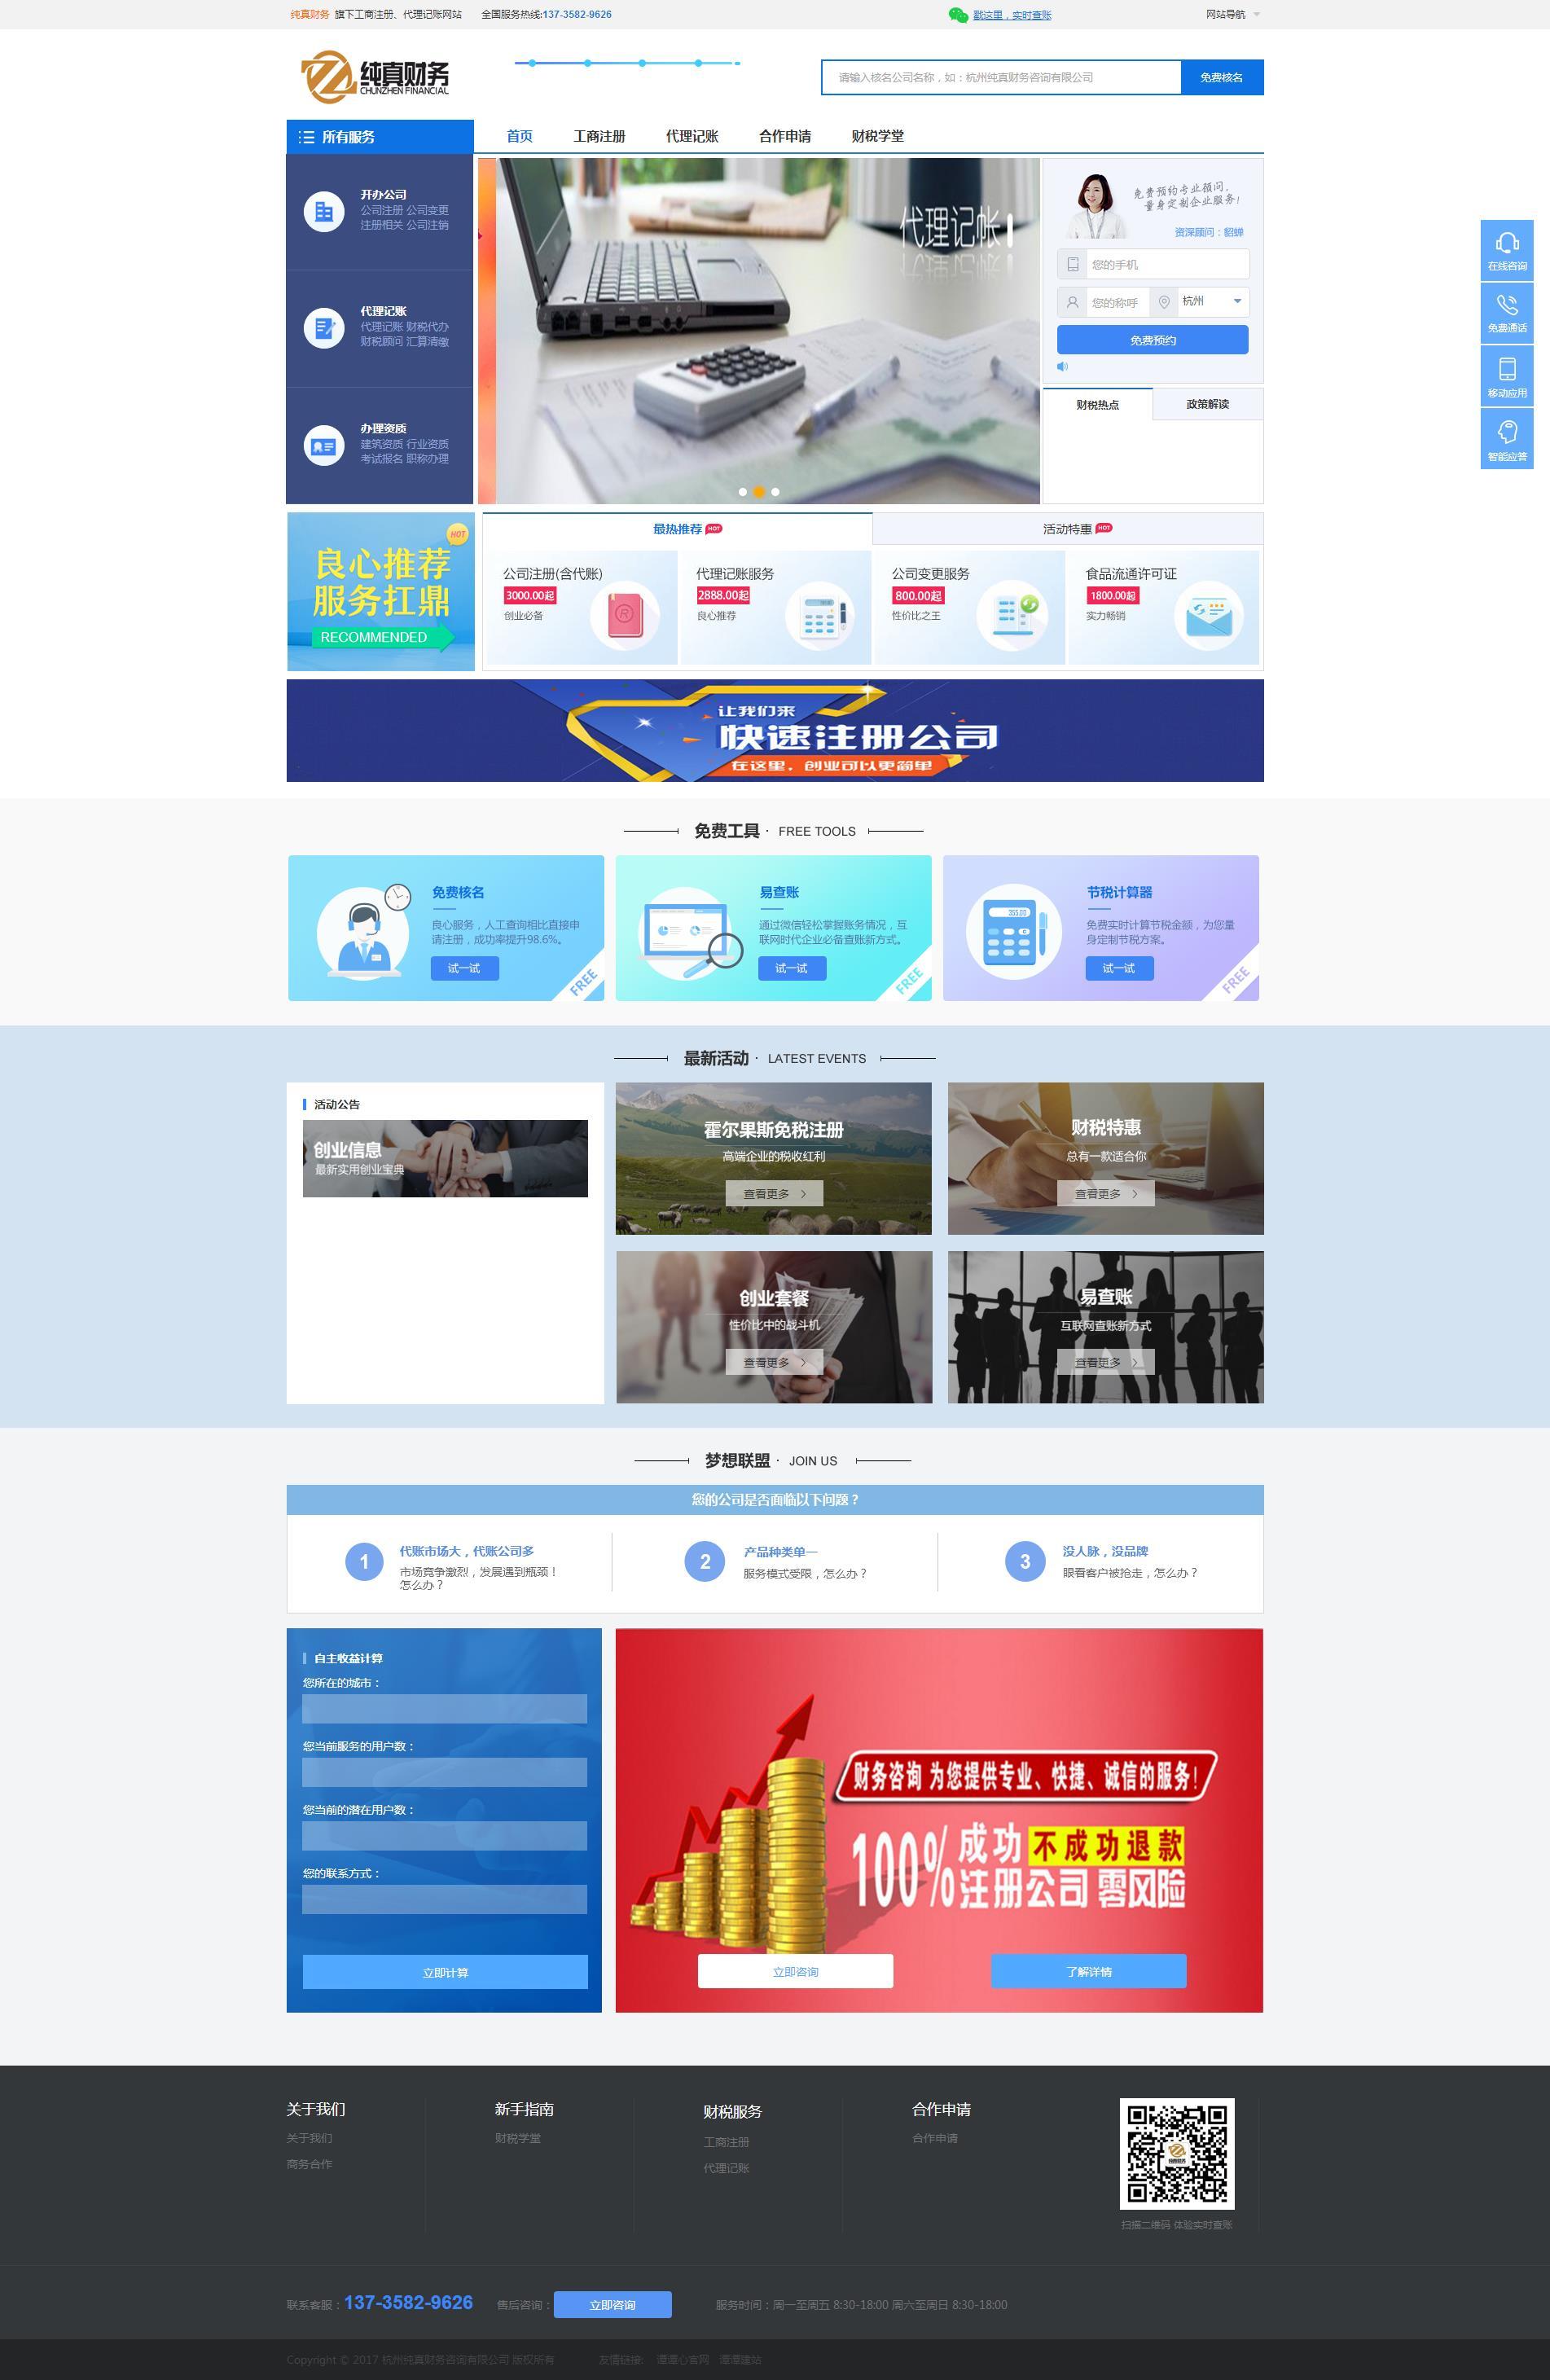 代理记账公司网站建设案例